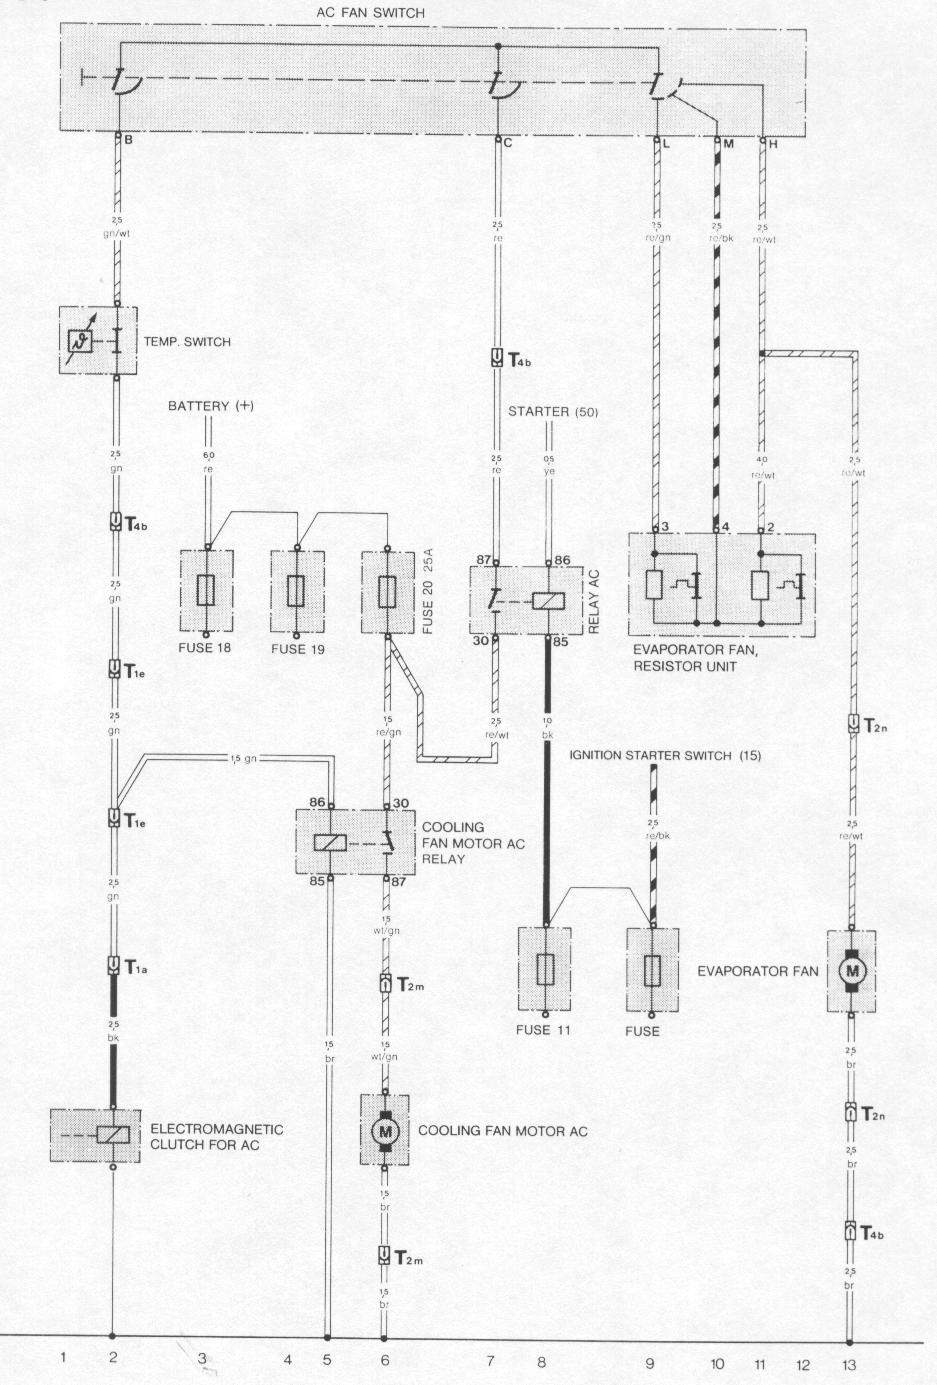 medium resolution of 1981 porsche 911 wiring diagram simple wiring diagram schema porsche wiring diagram 1978 1980 porsche 911 wiring diagram